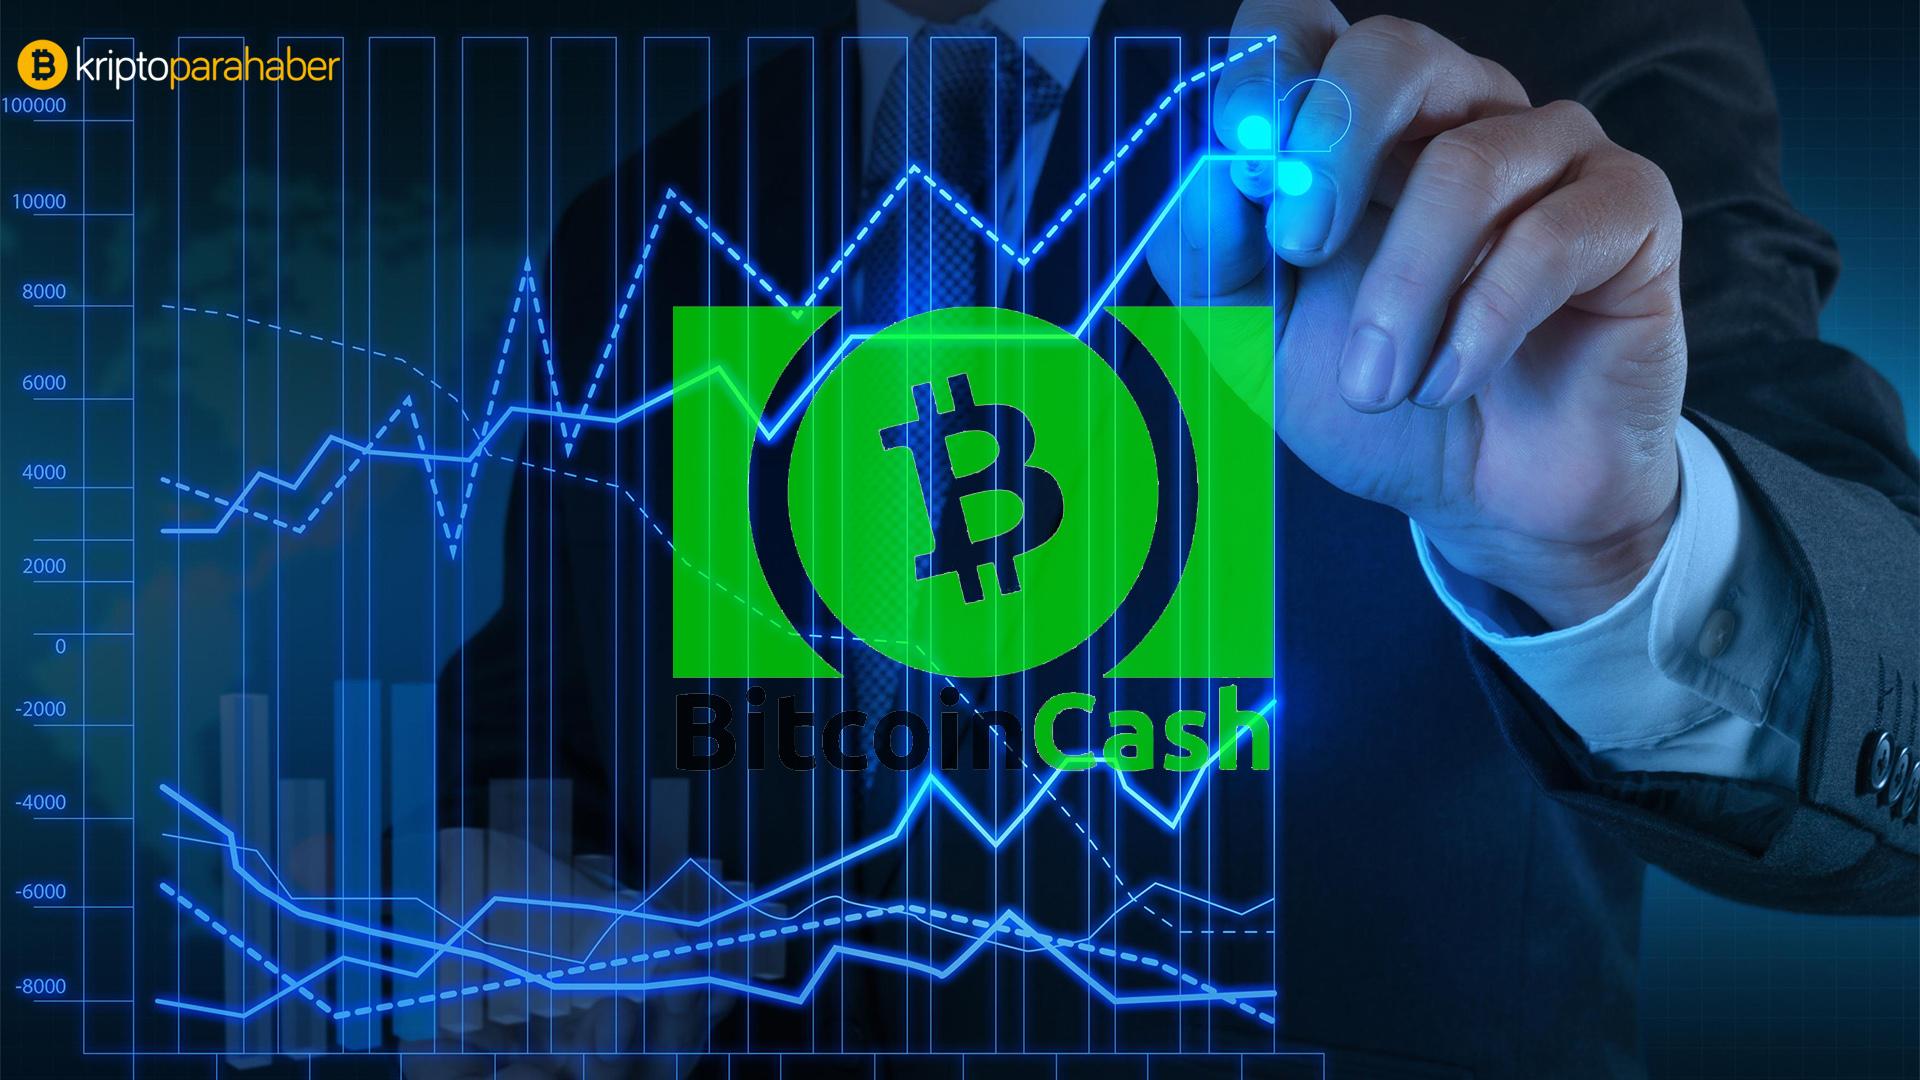 29 Eylül Bitcoin Cash (BCH) ve Dash (DASH) fiyat analizi